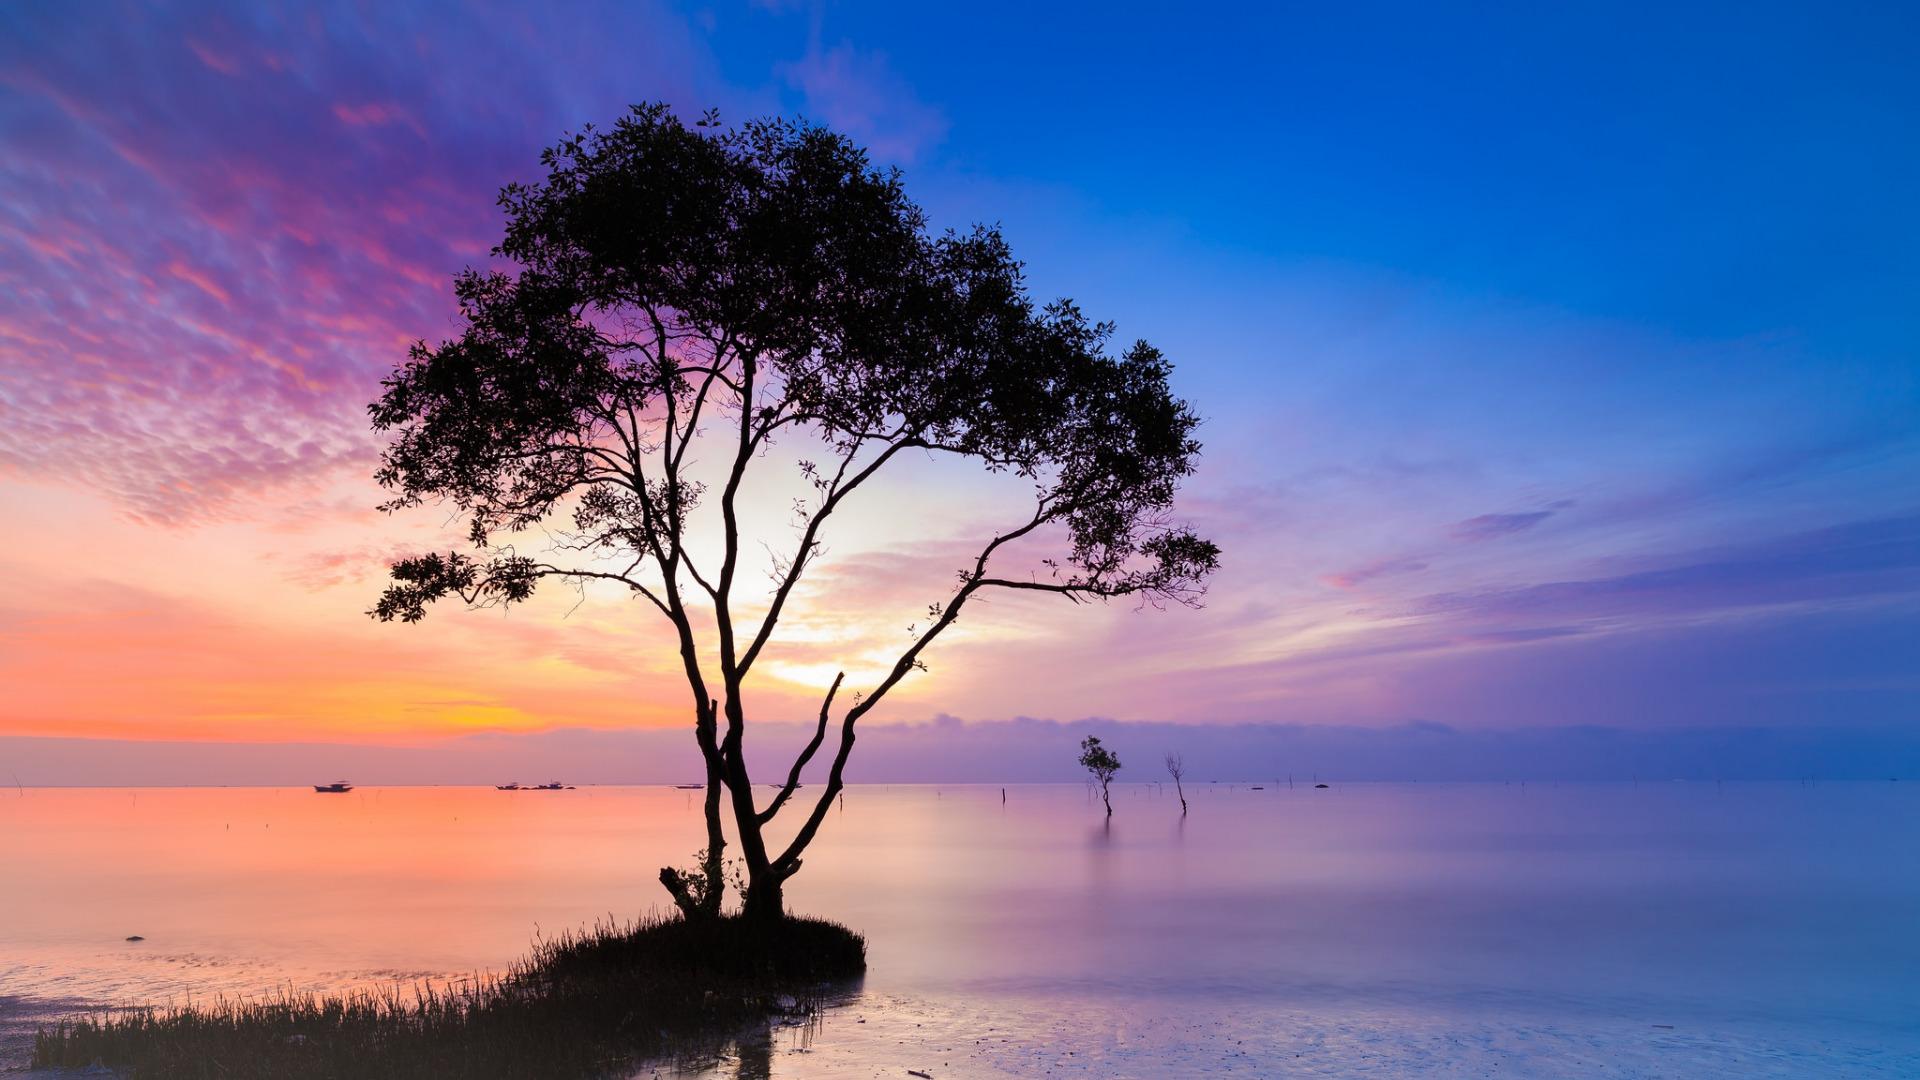 природа озеро деревья небо облака закат  № 1249602 бесплатно